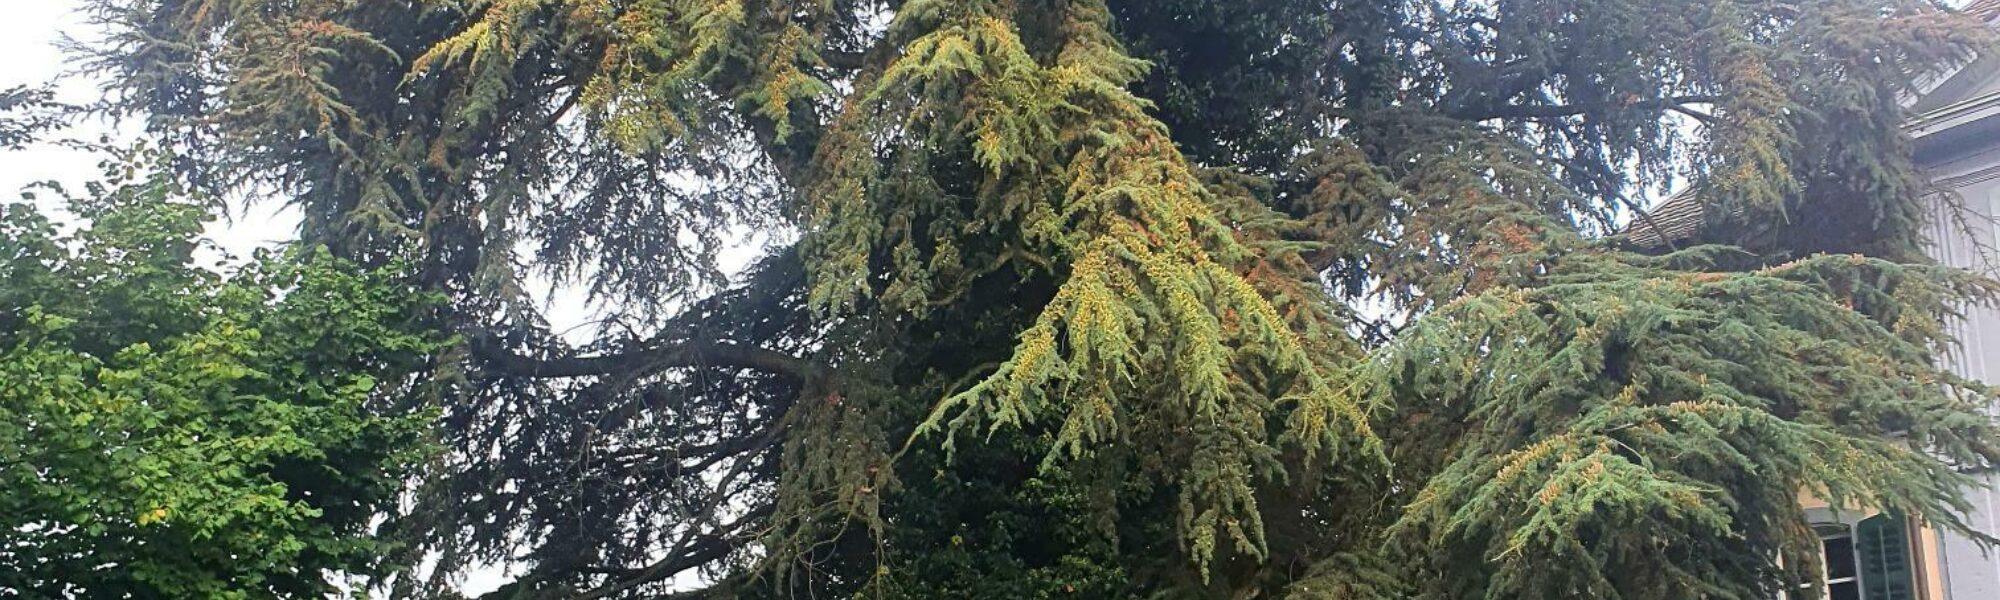 Klimapreis 2021: mein schönster Baum